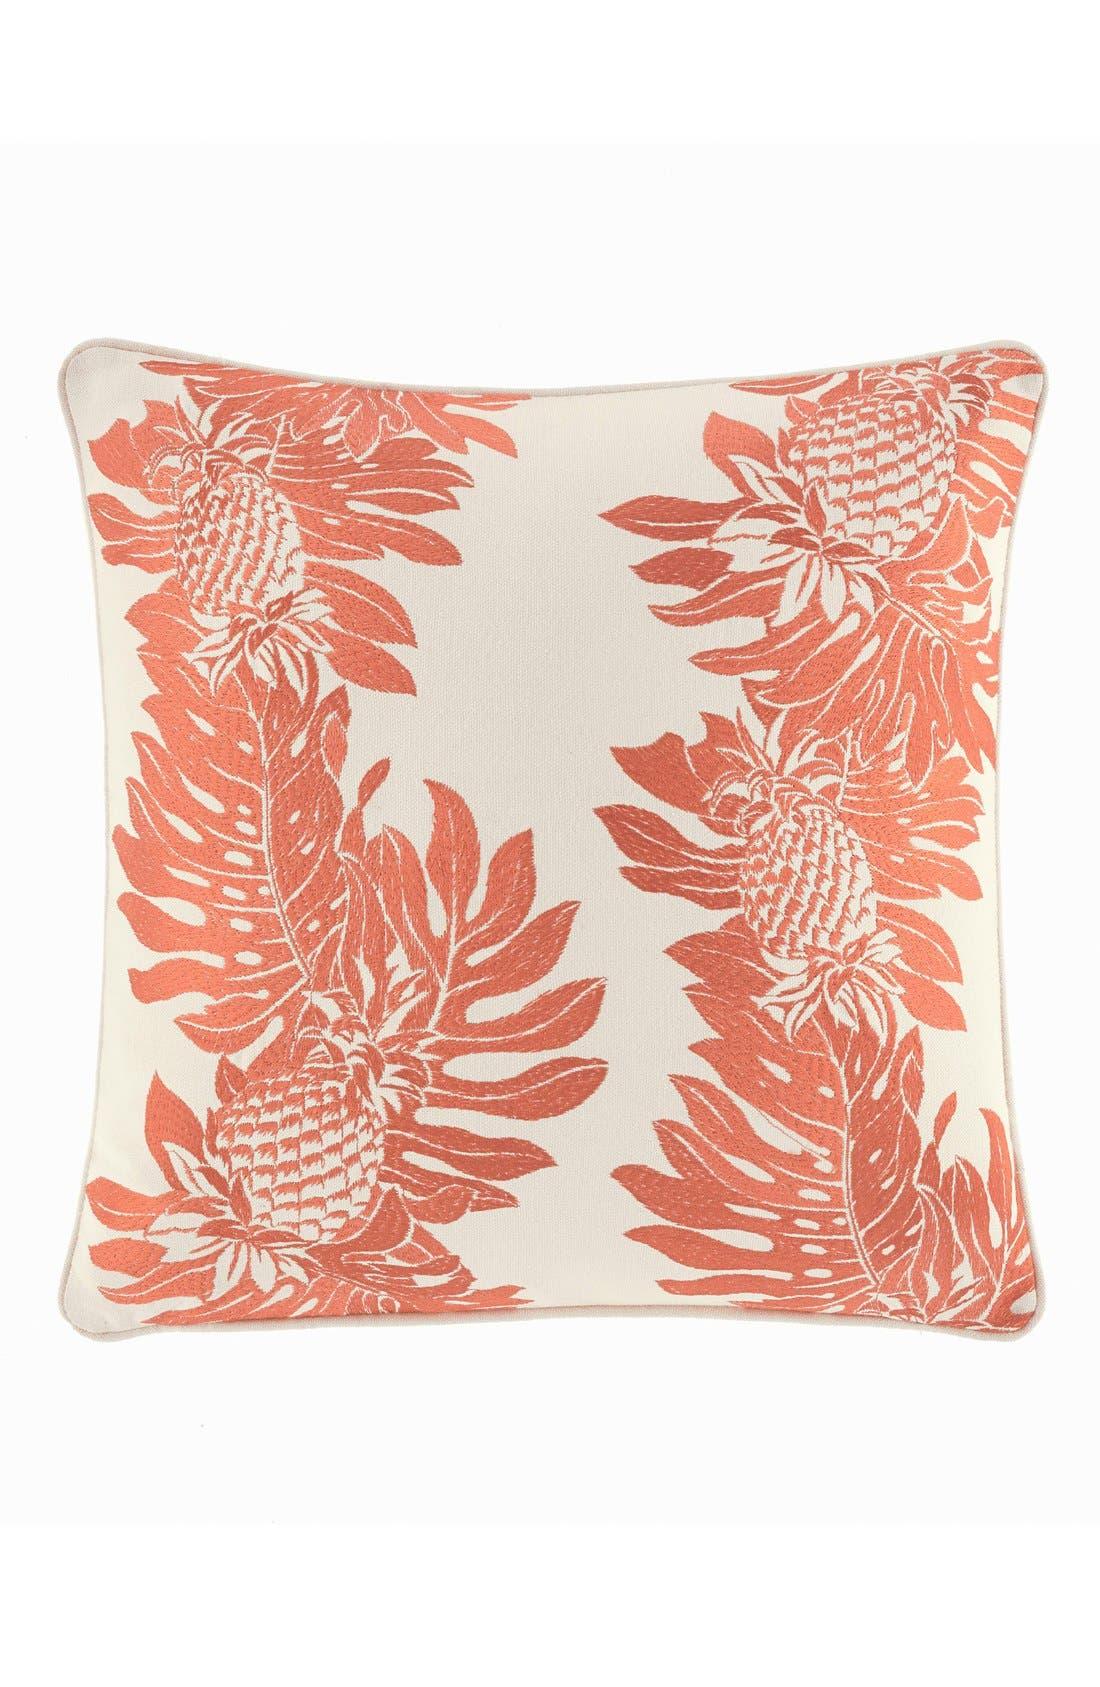 'Pineapple' Accent Pillow,                         Main,                         color, Papaya